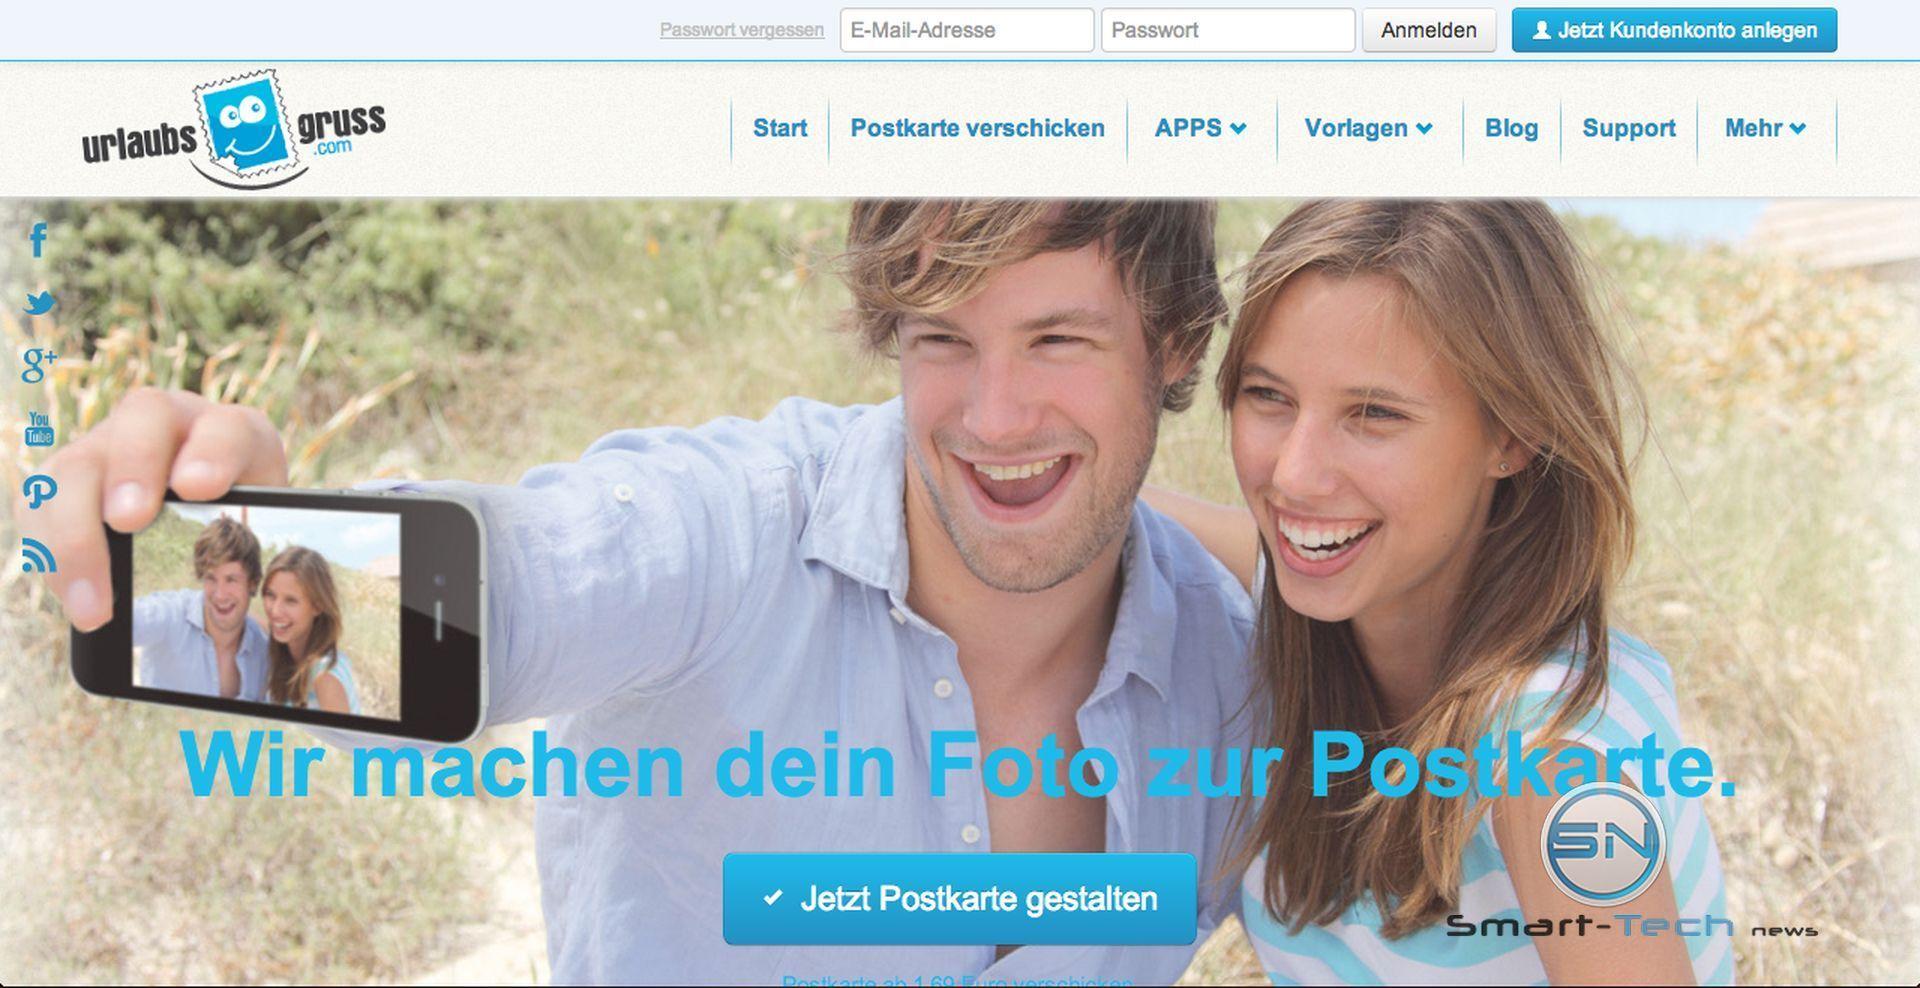 Urlaubsgruss.com  – Grußkarte mit persönlichem Touch